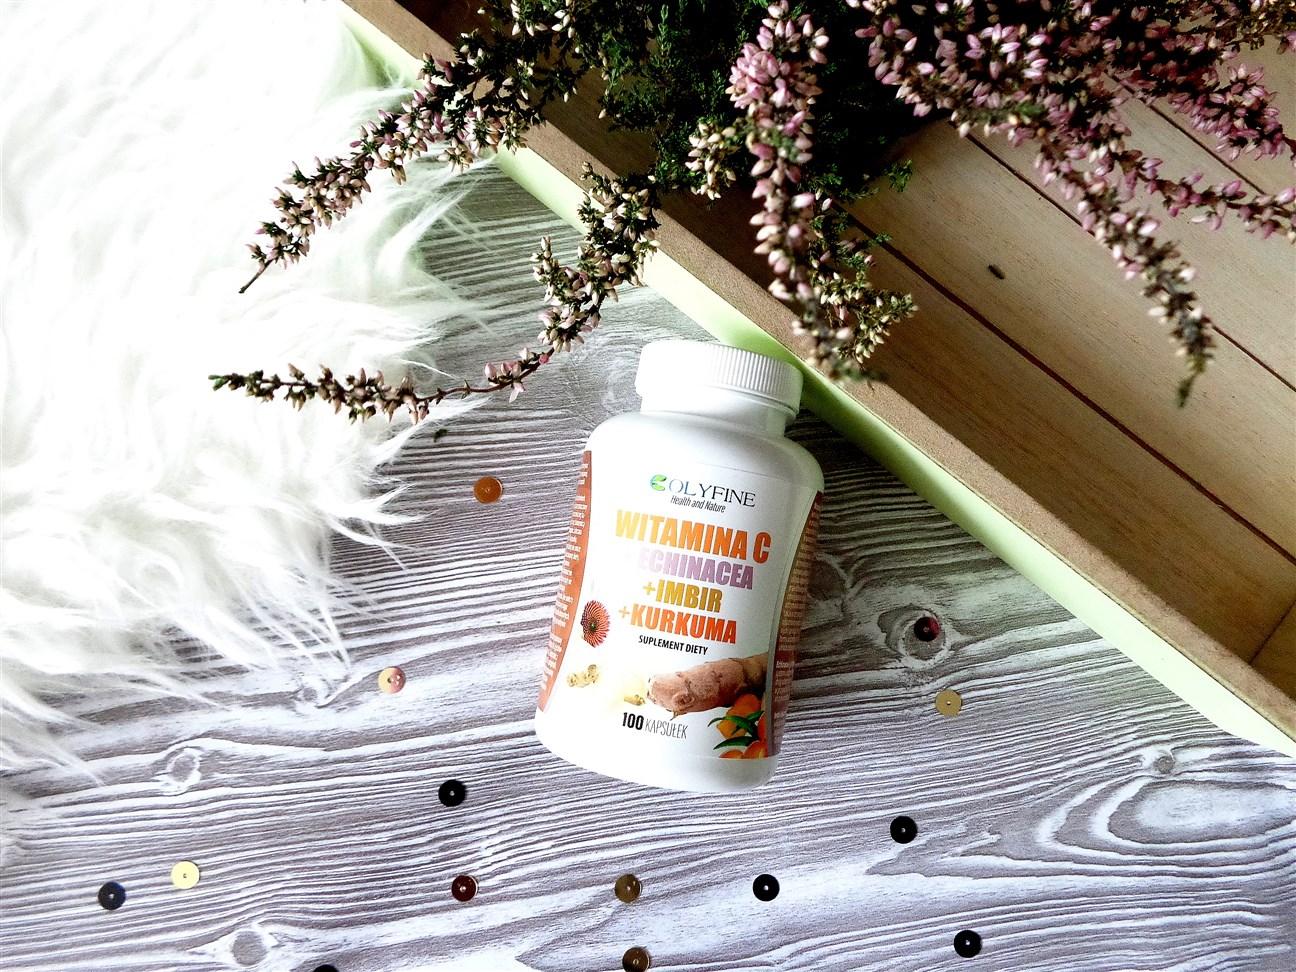 zdjęcie przestawiające witaminę C Colyfine